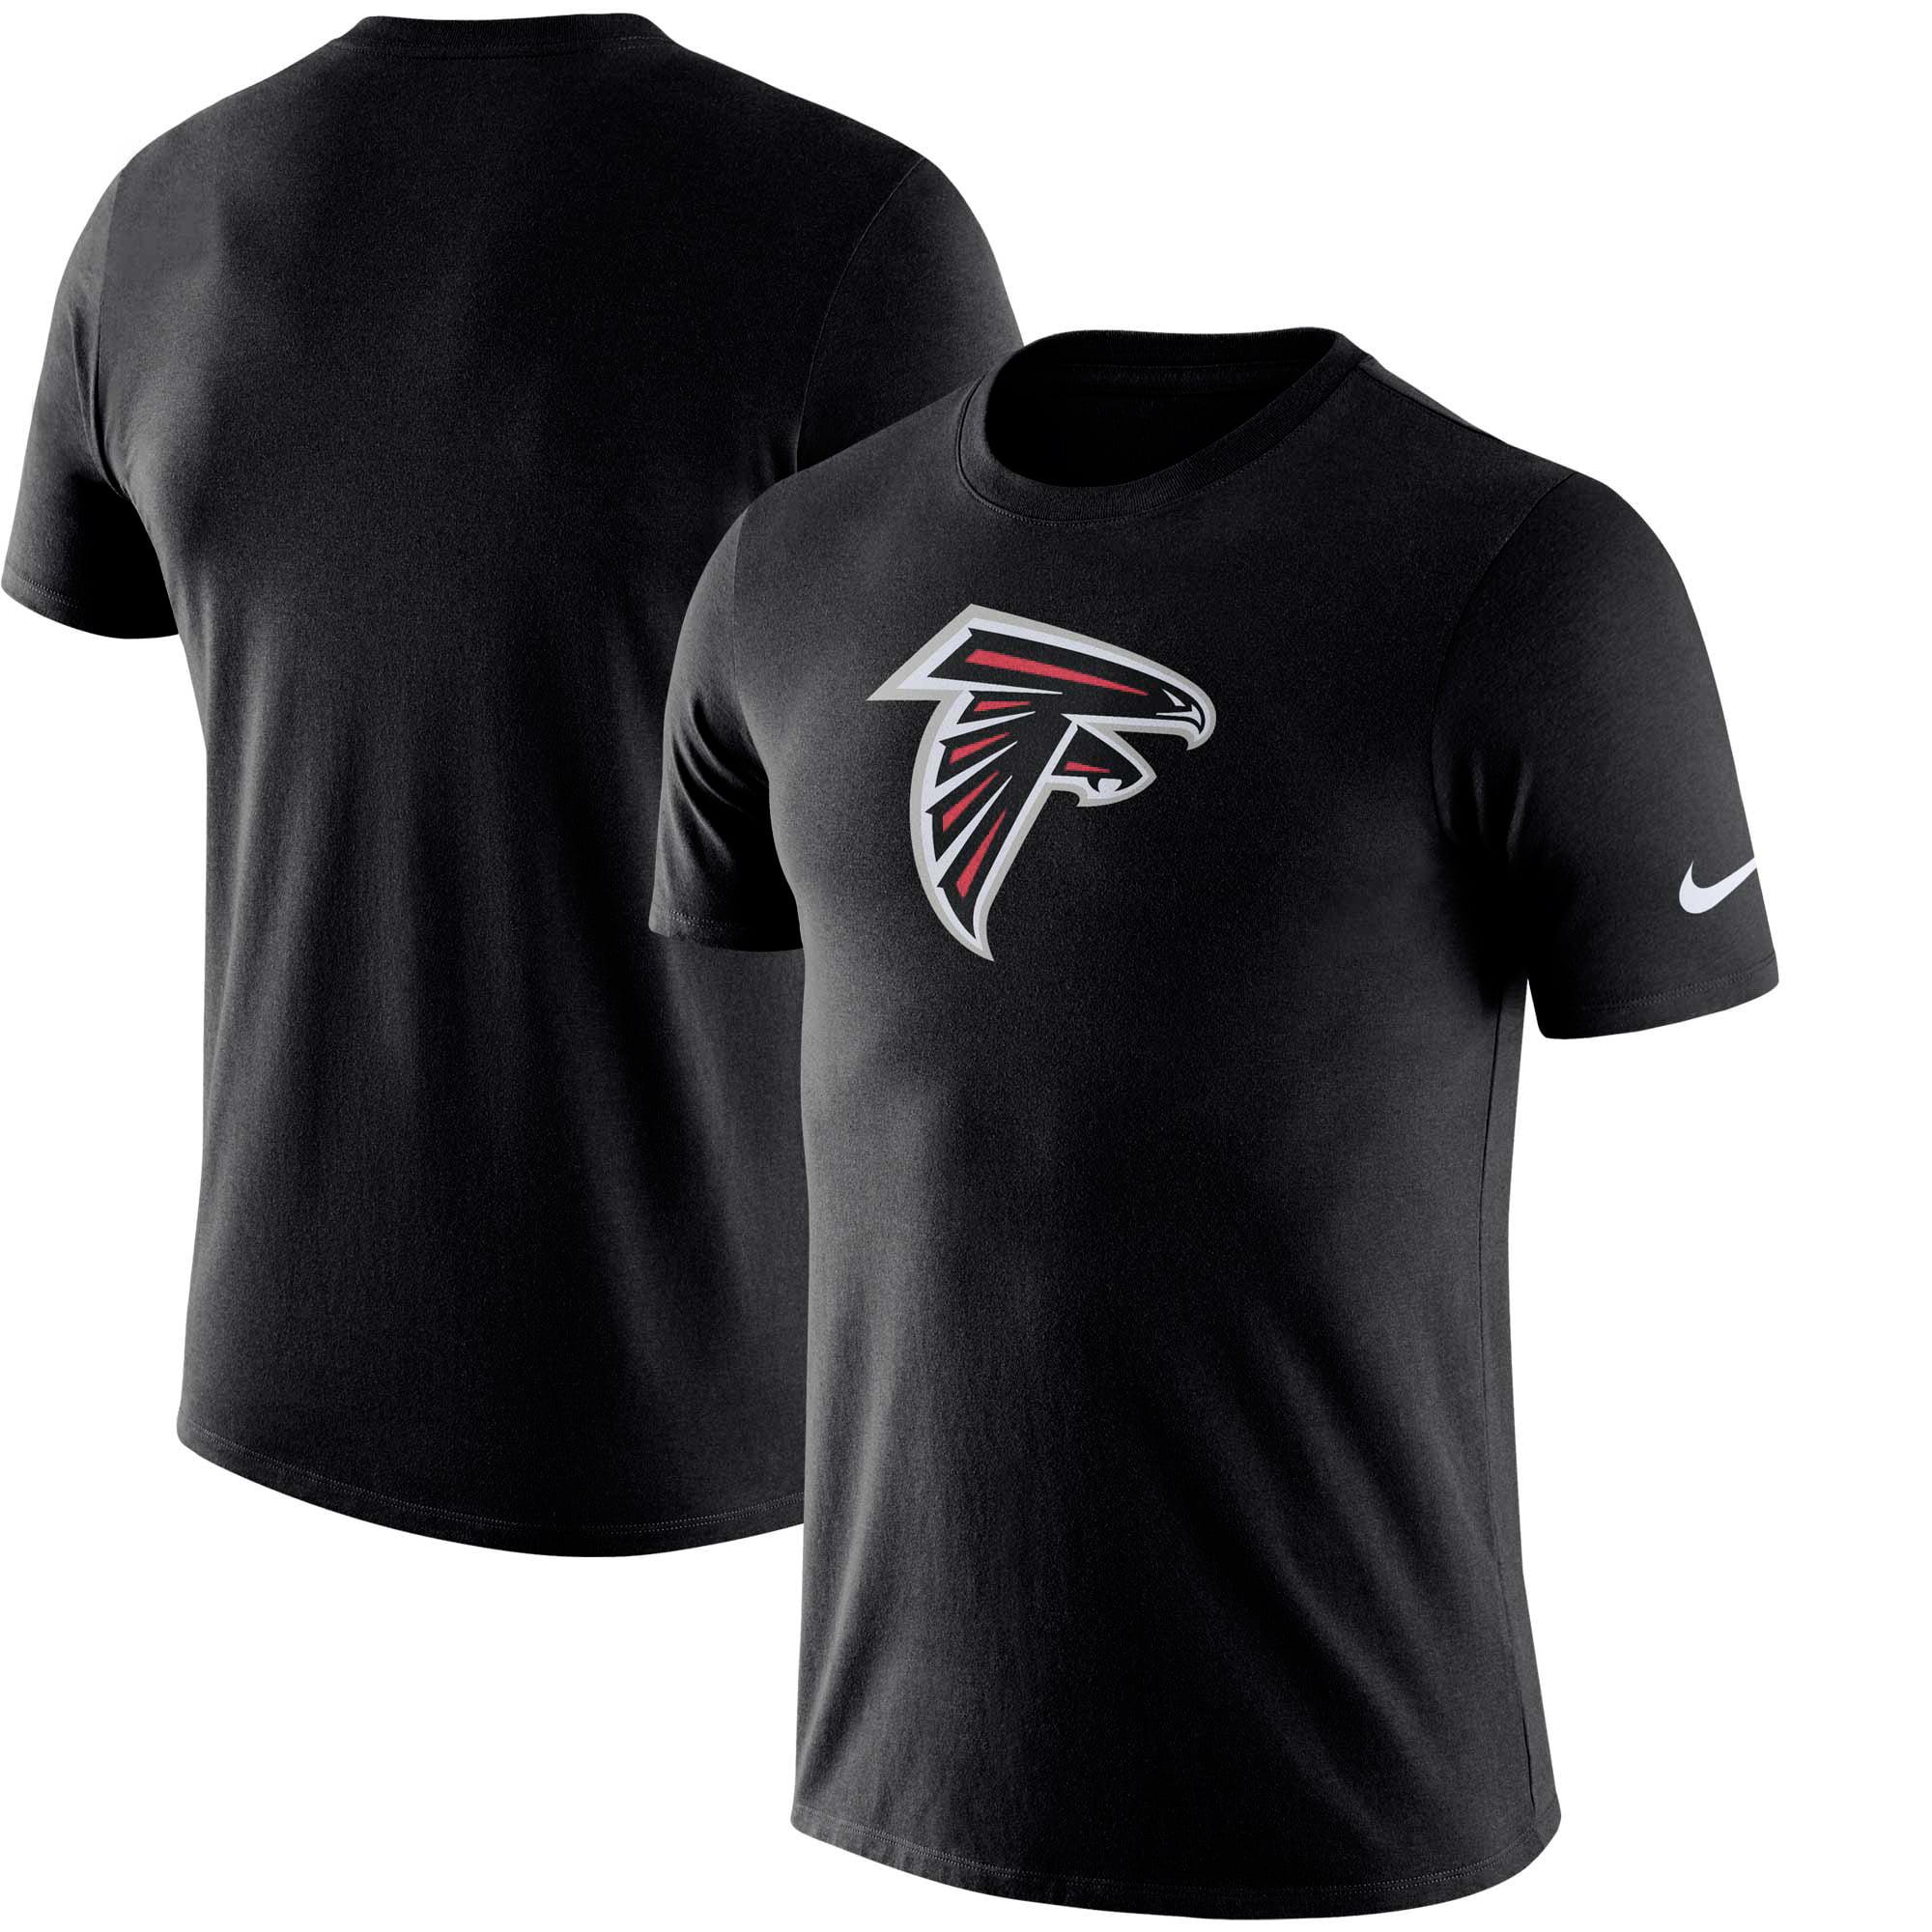 Atlanta Falcons Nike Essential Logo Performance T-Shirt - Black